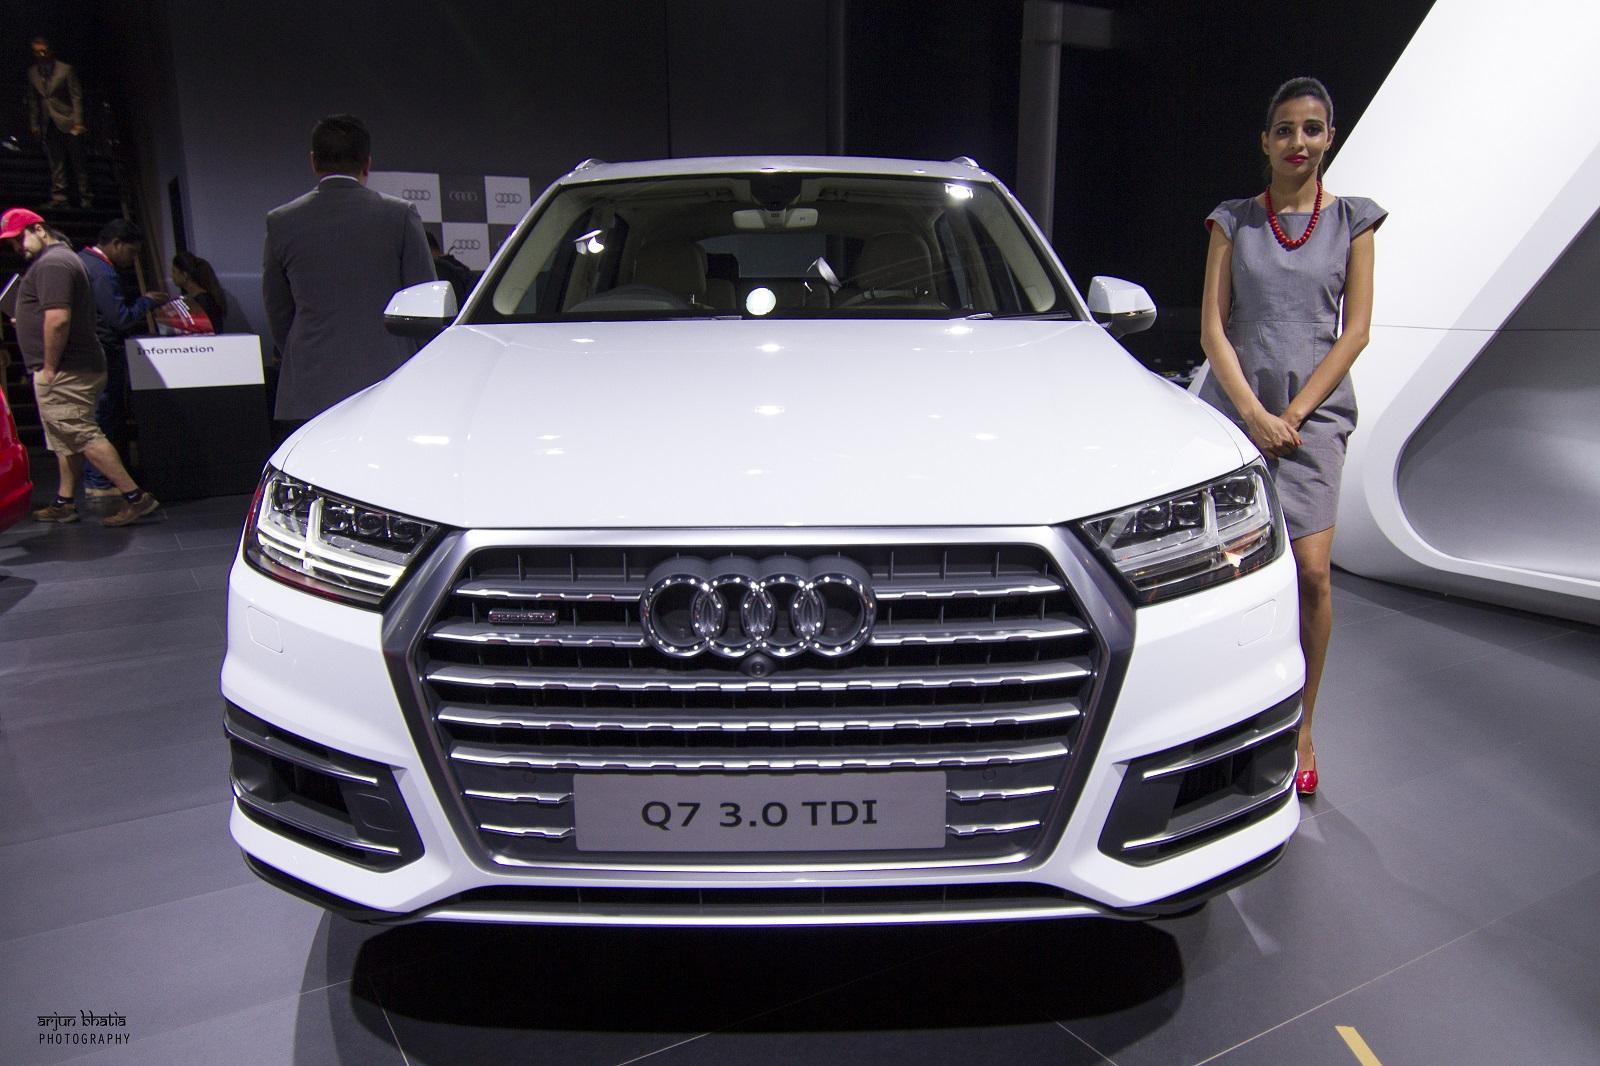 Audi Q7 Delhi Auto Expo 2016 1